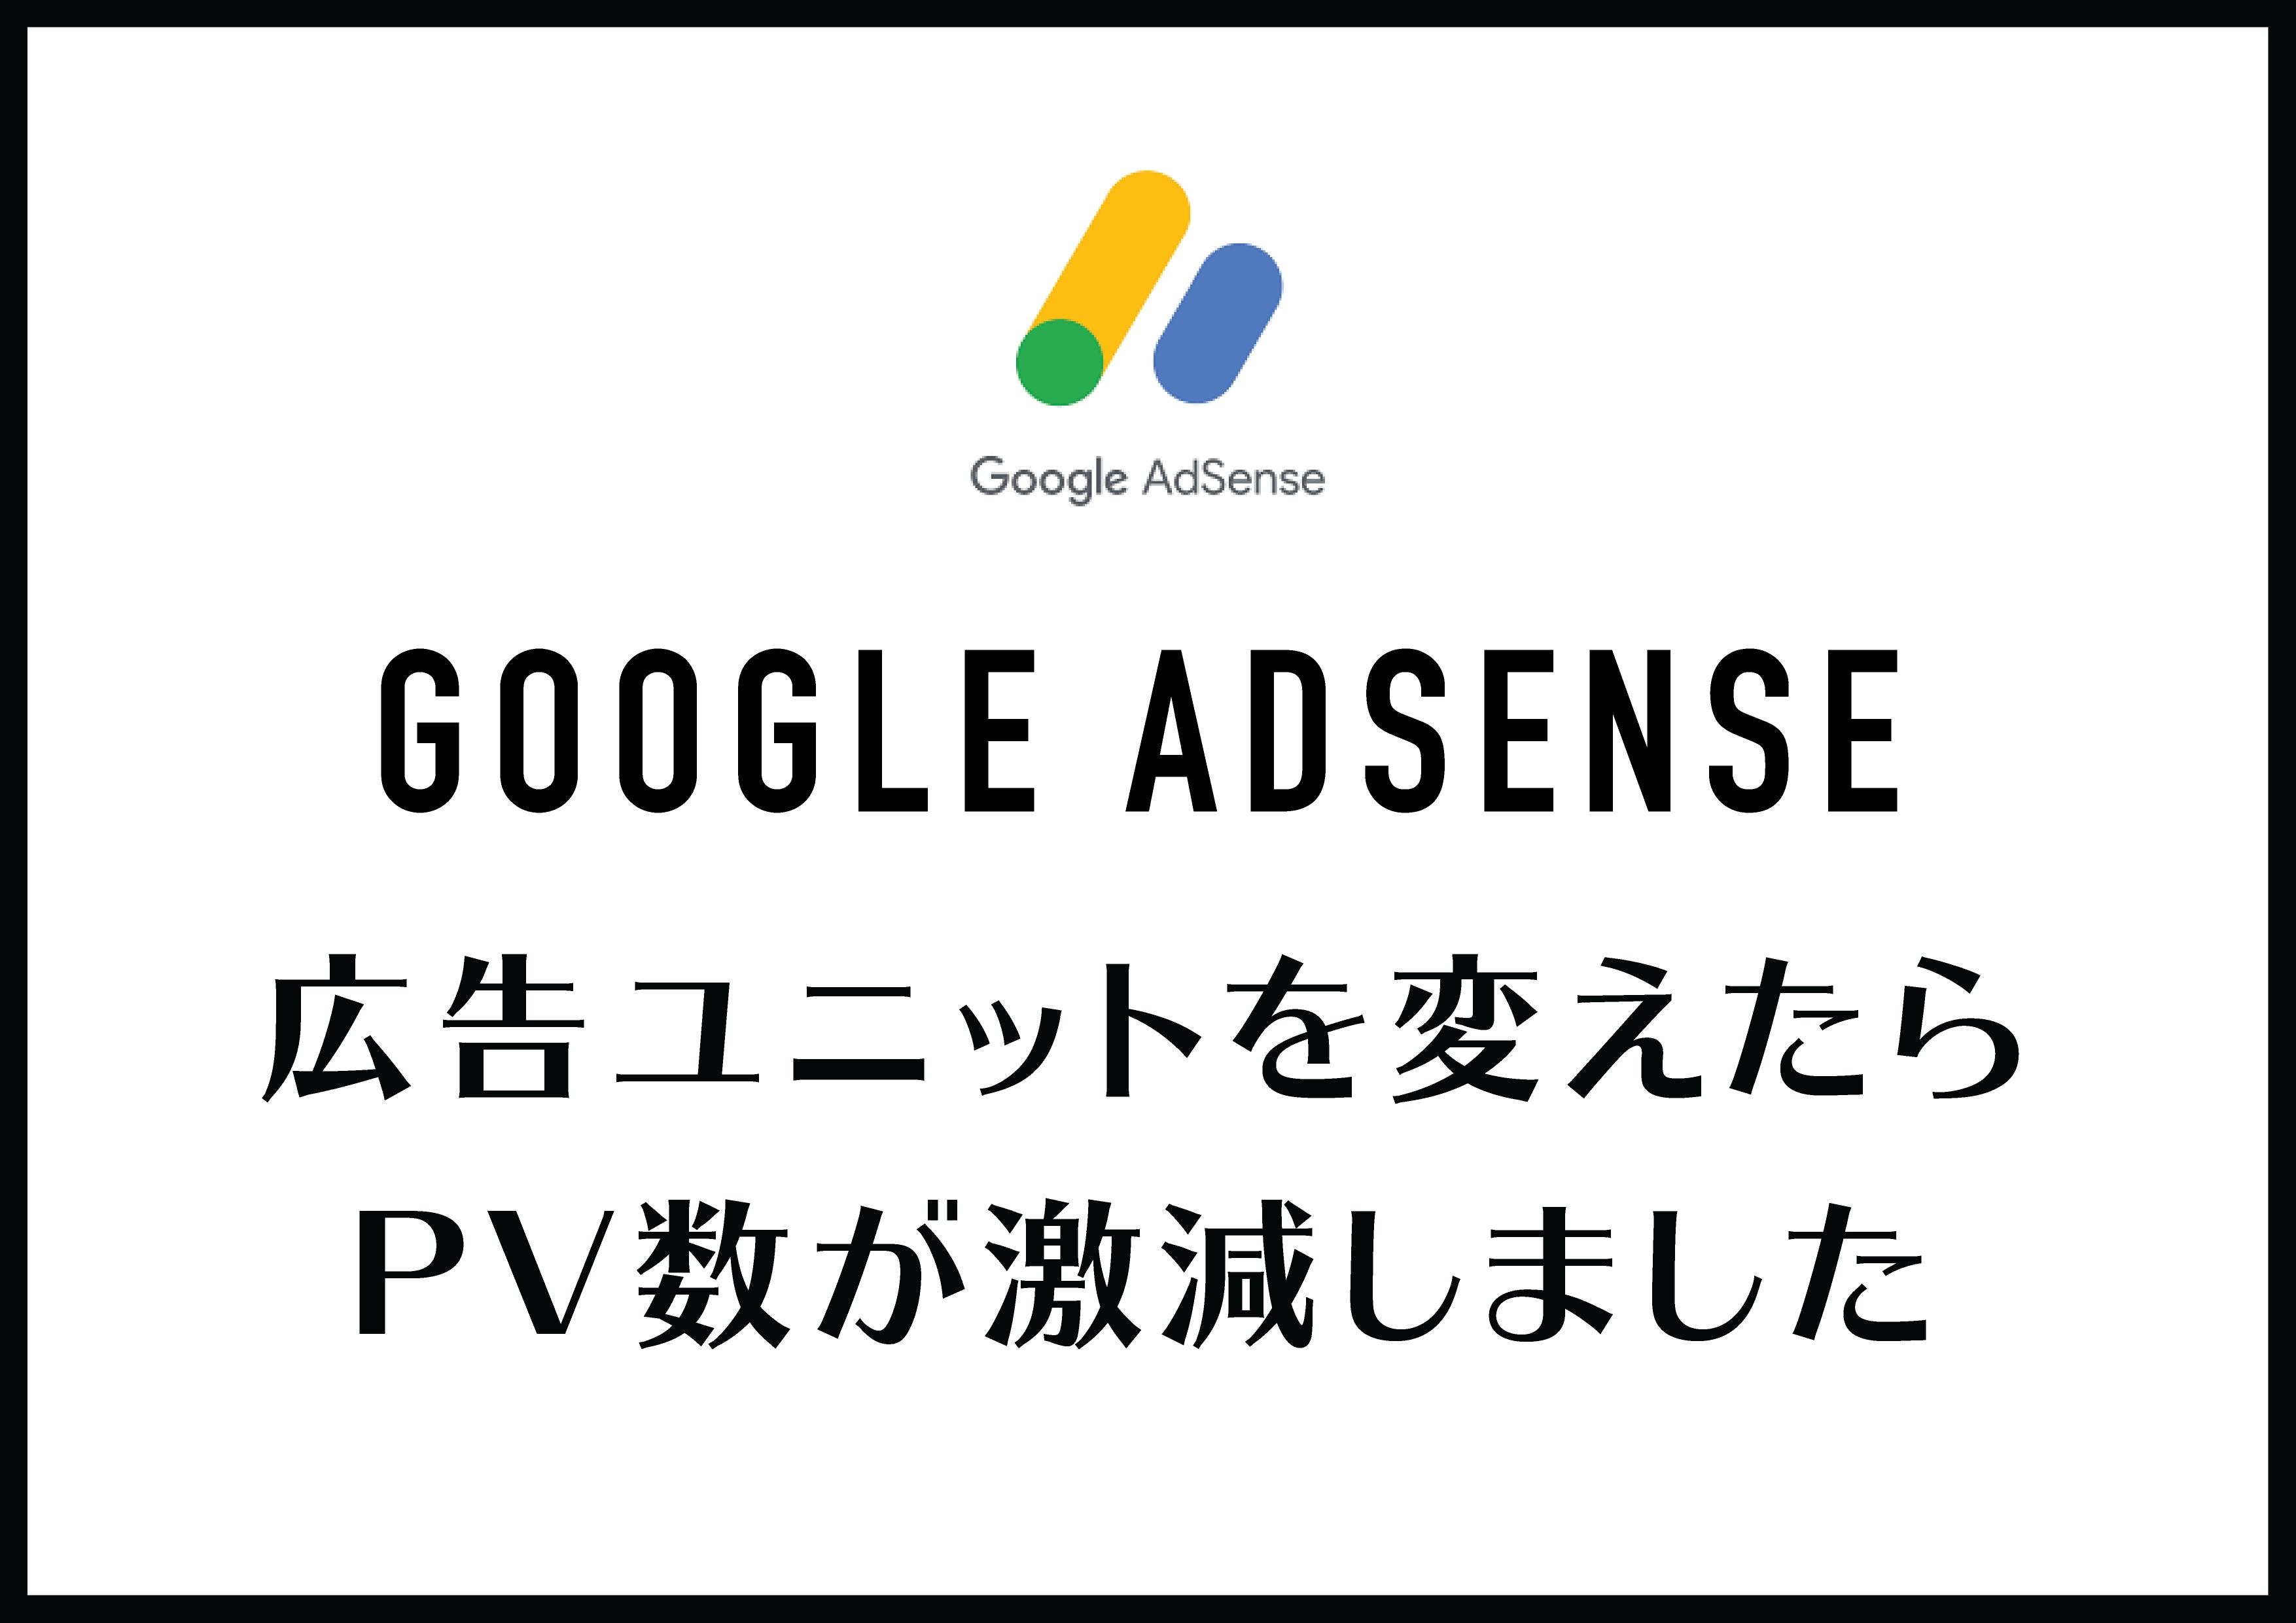 AdsenseProblemCover 02